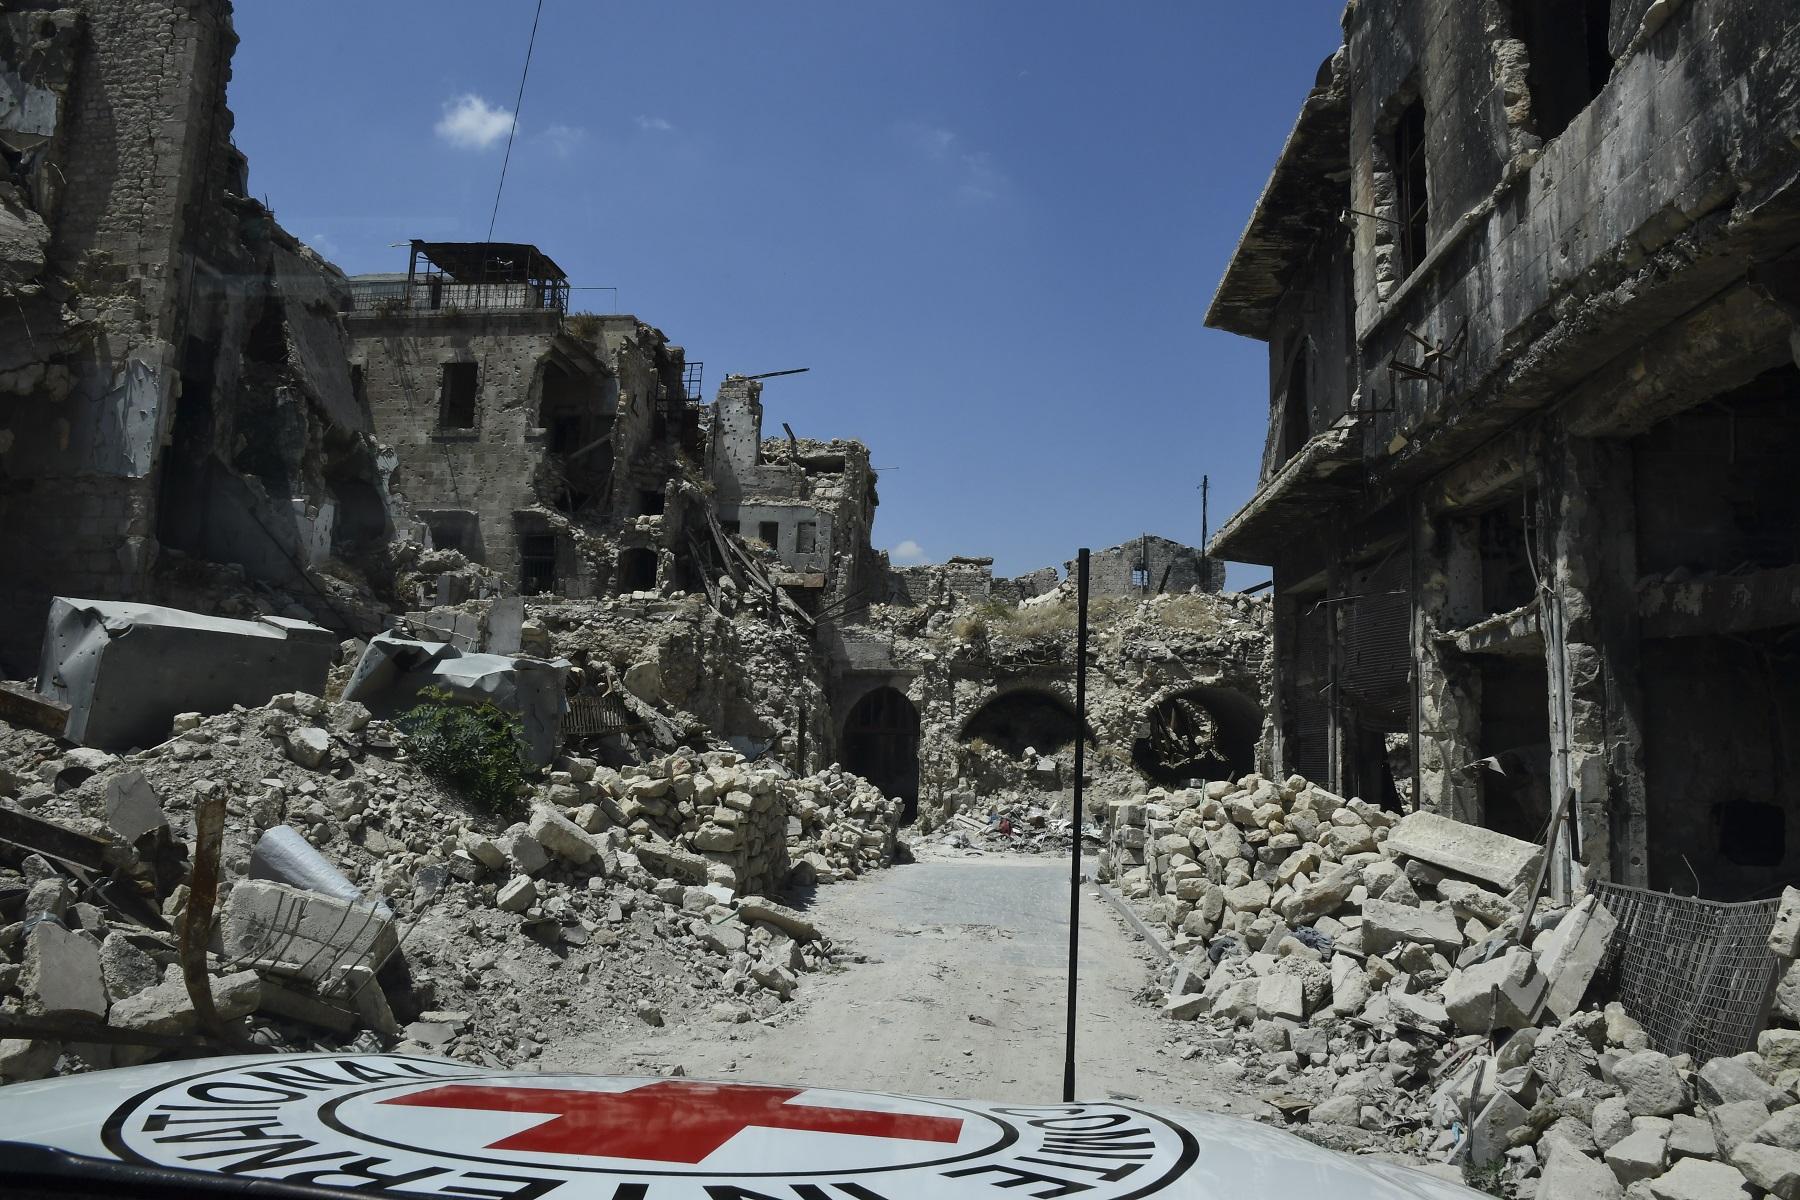 Die Altstadt von Aleppo in Syrien. © IKRK, Eva Pilipp